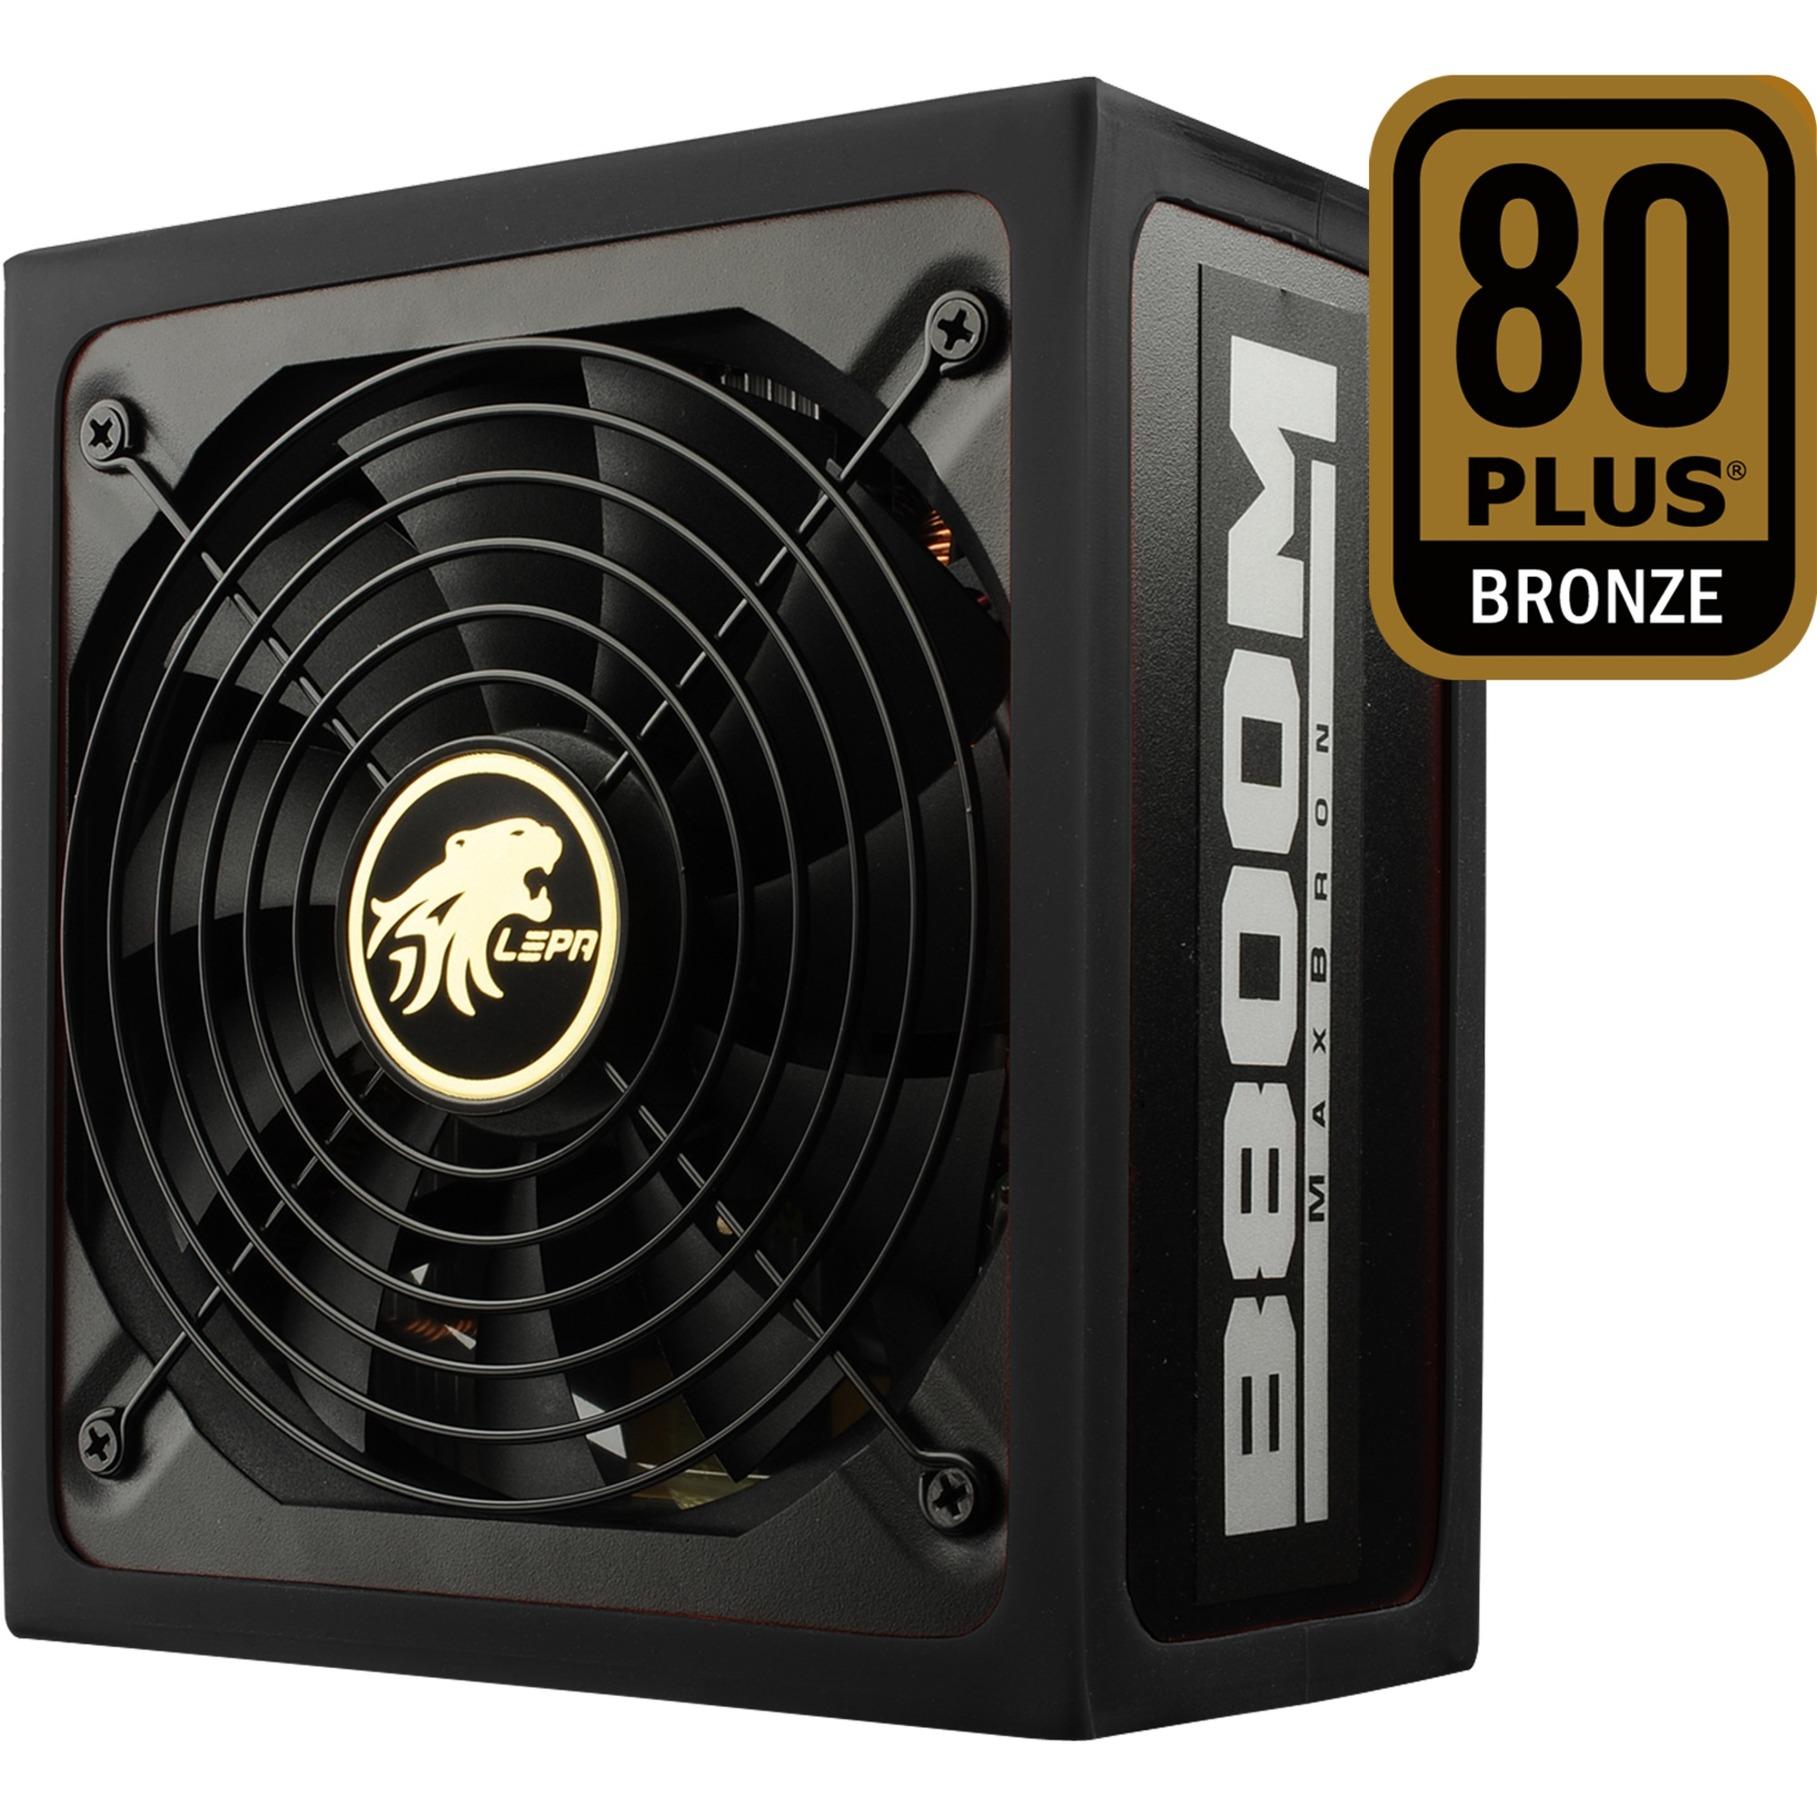 B800-MB 800W ATX Negro, Rojo unidad de fuente de alimentación, Fuente de alimentación de PC